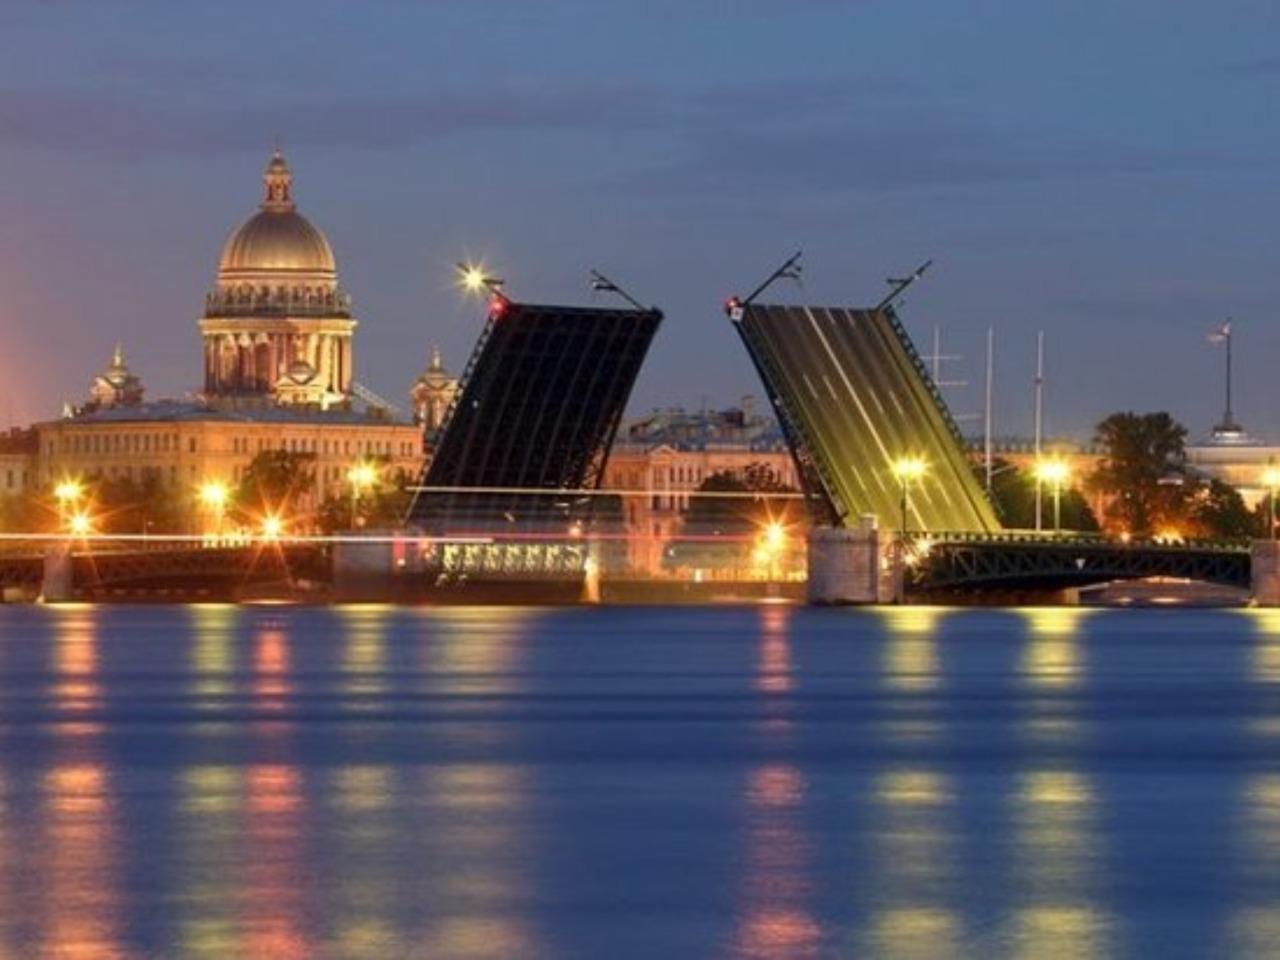 Развод мостов с крыши - групповая экскурсия по Санкт-Петербургу от опытного гида